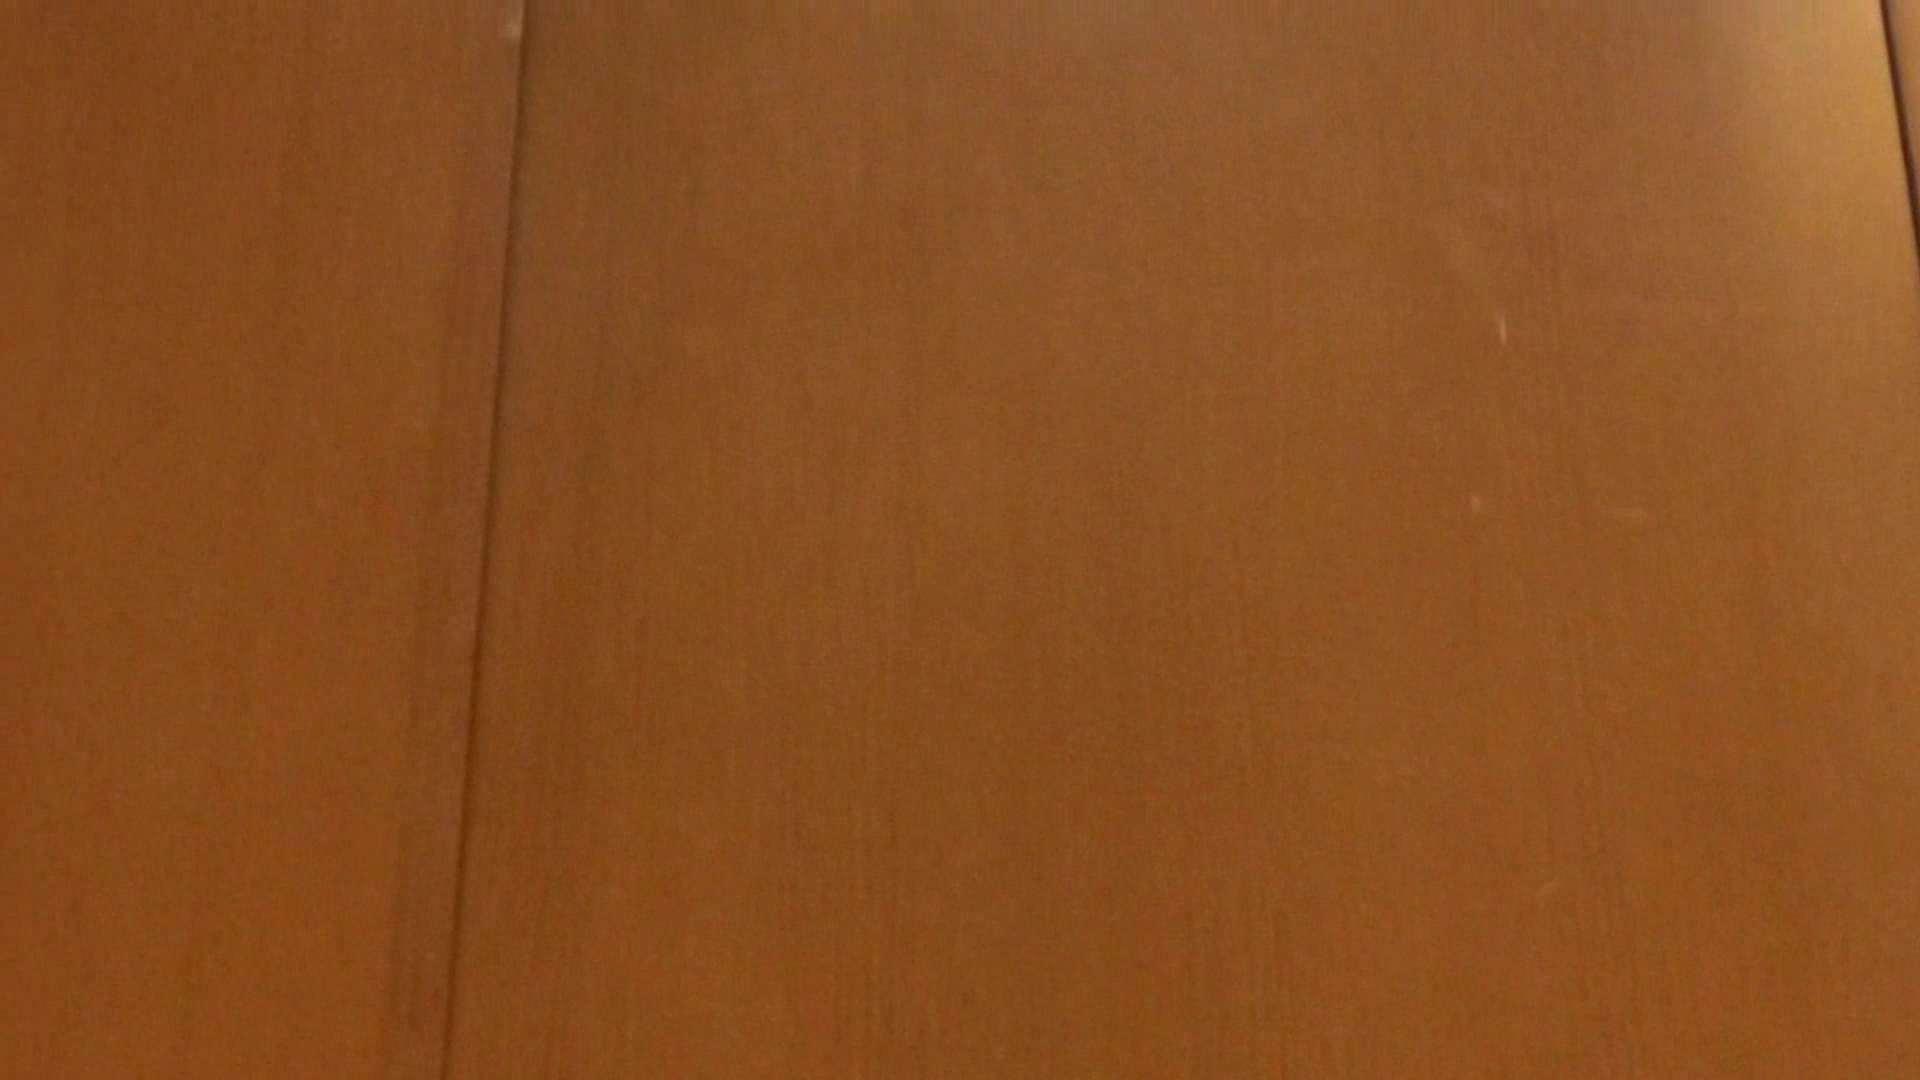 「噂」の国の厠観察日記2 Vol.01 美しいOLの裸体 | 厠隠し撮り  102pic 79